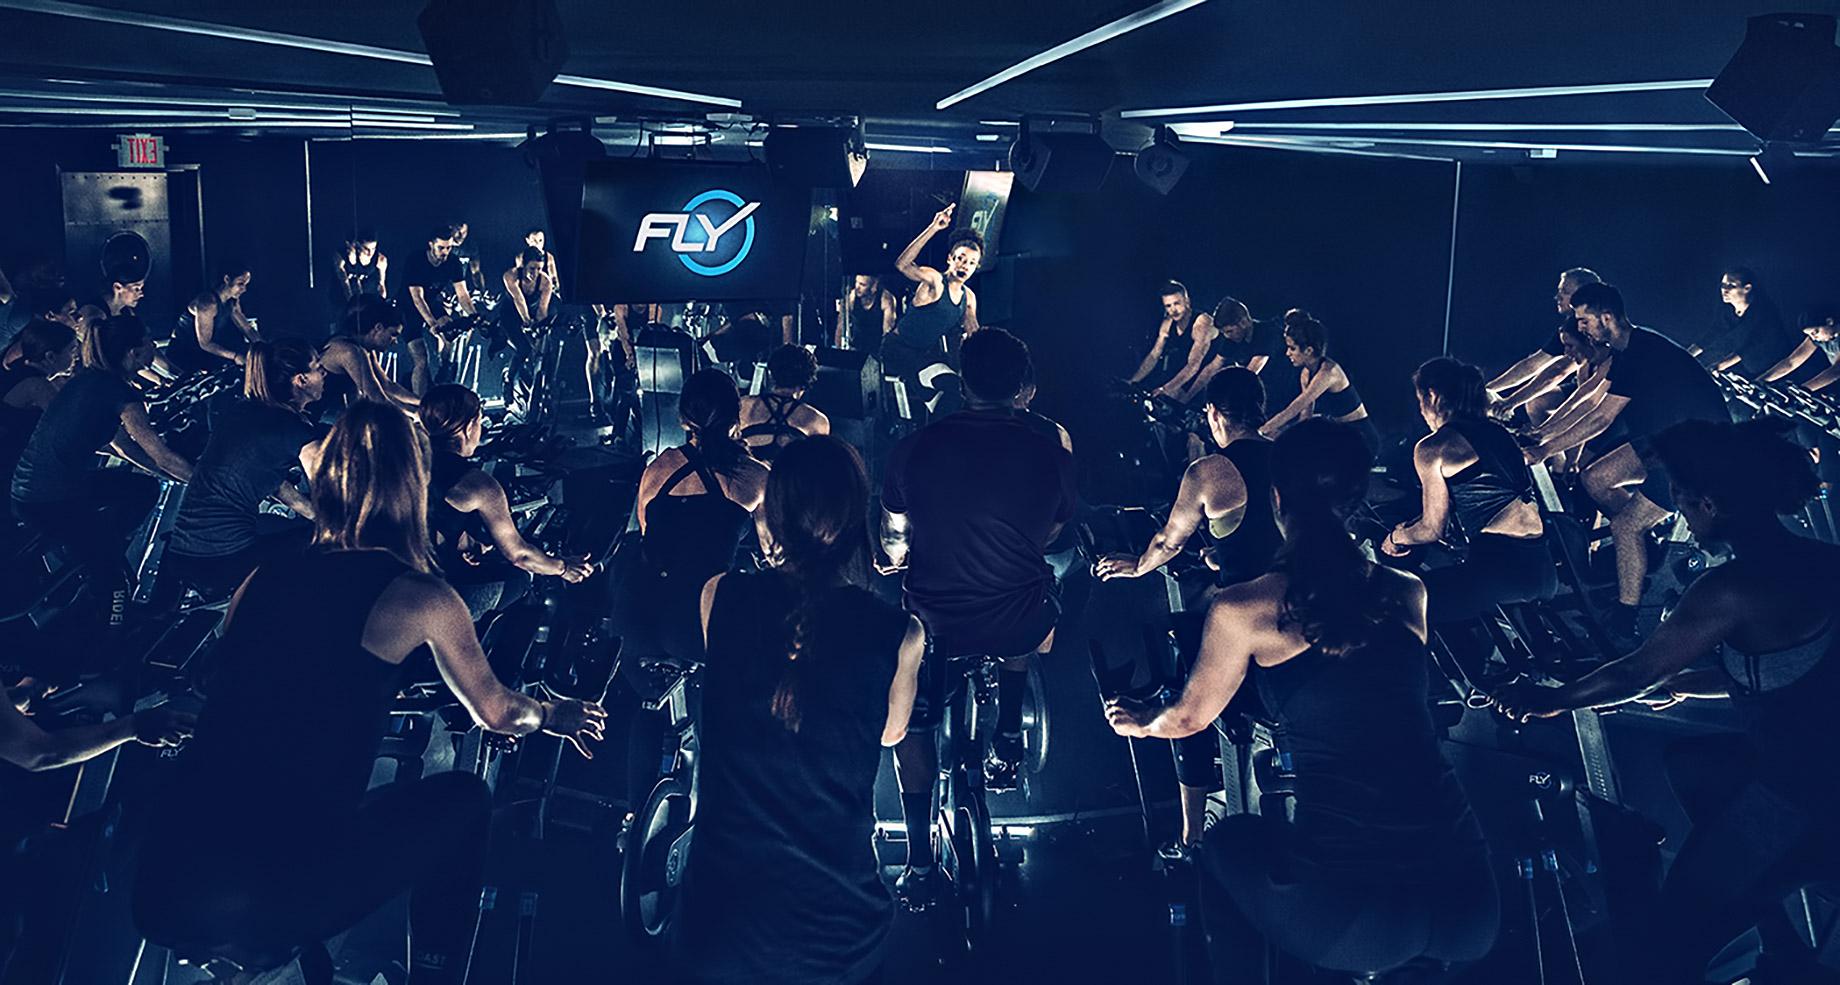 Flywheel Sports - 420 Park Ave S, New York, NY, USA